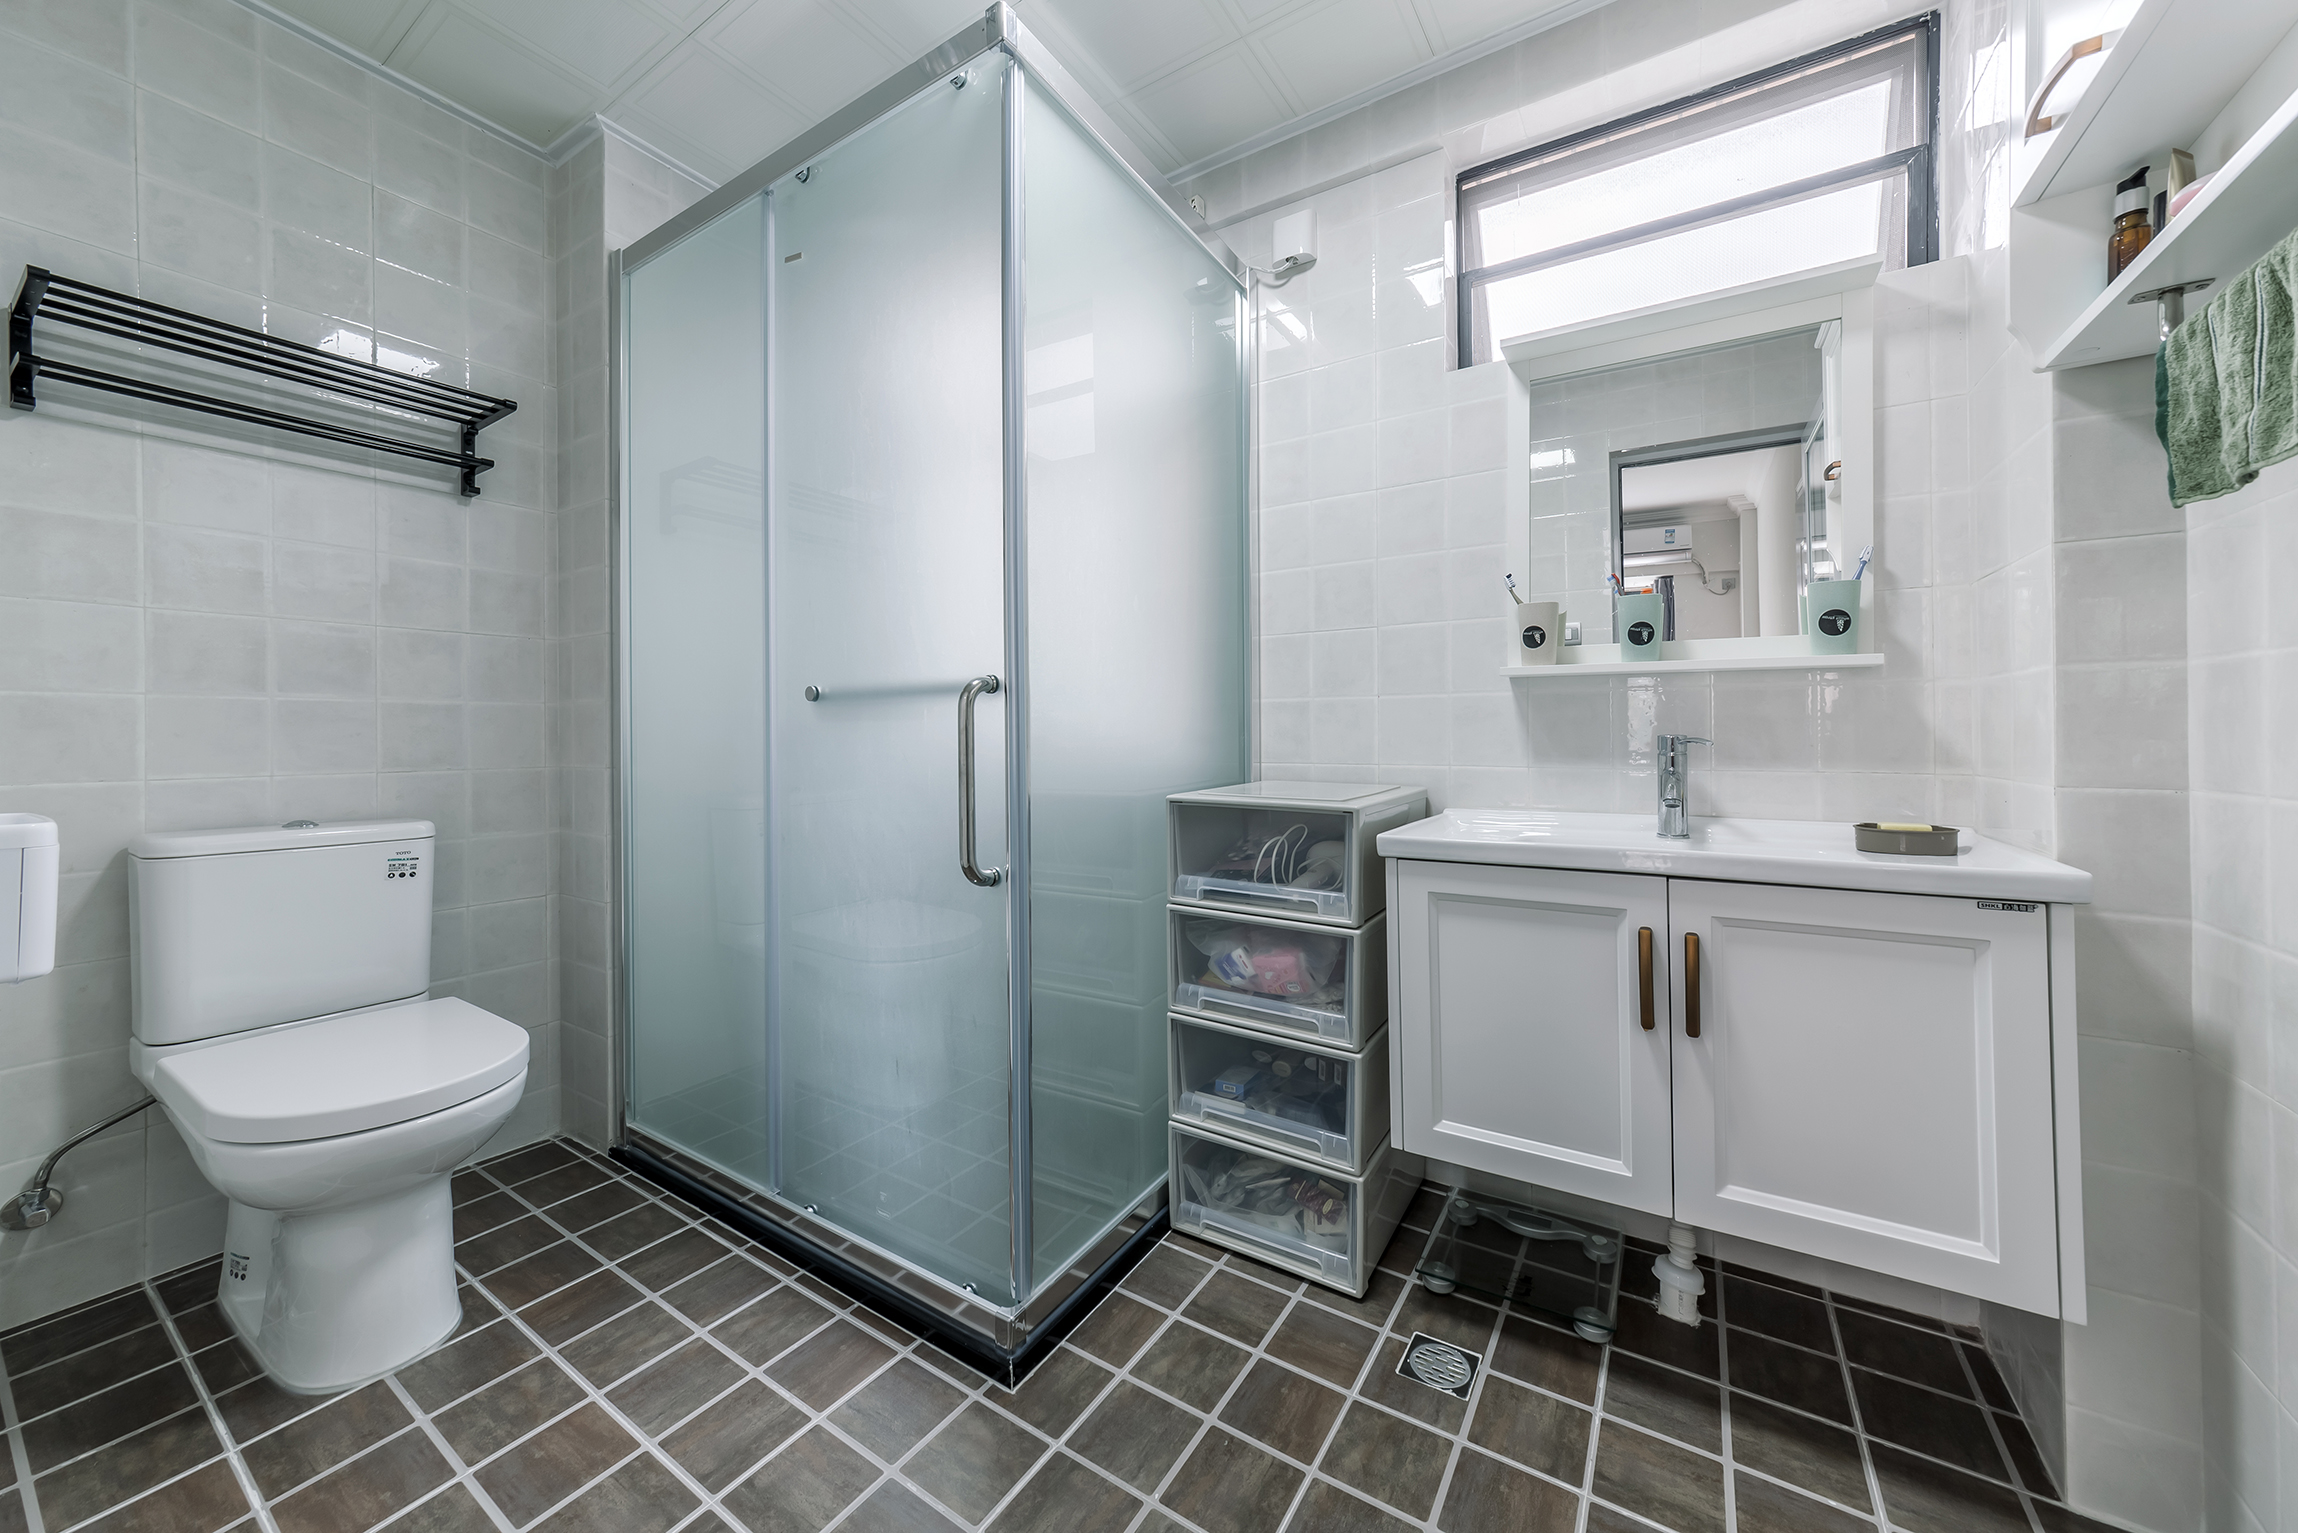 简约实用三房装修卫生间设计图